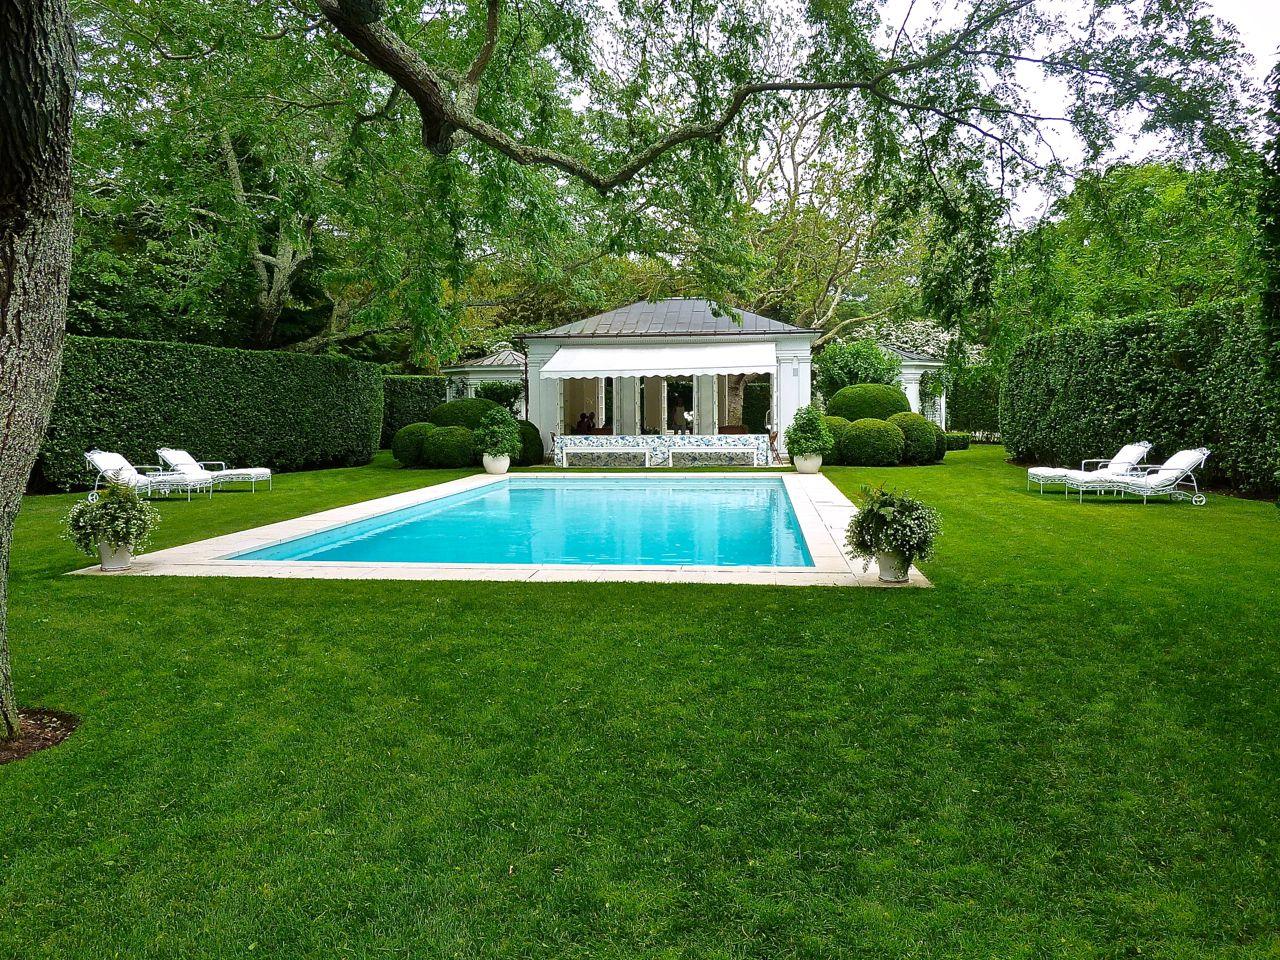 Aerin Lauder Pool Hamptons Via Quintessence Pool Patio